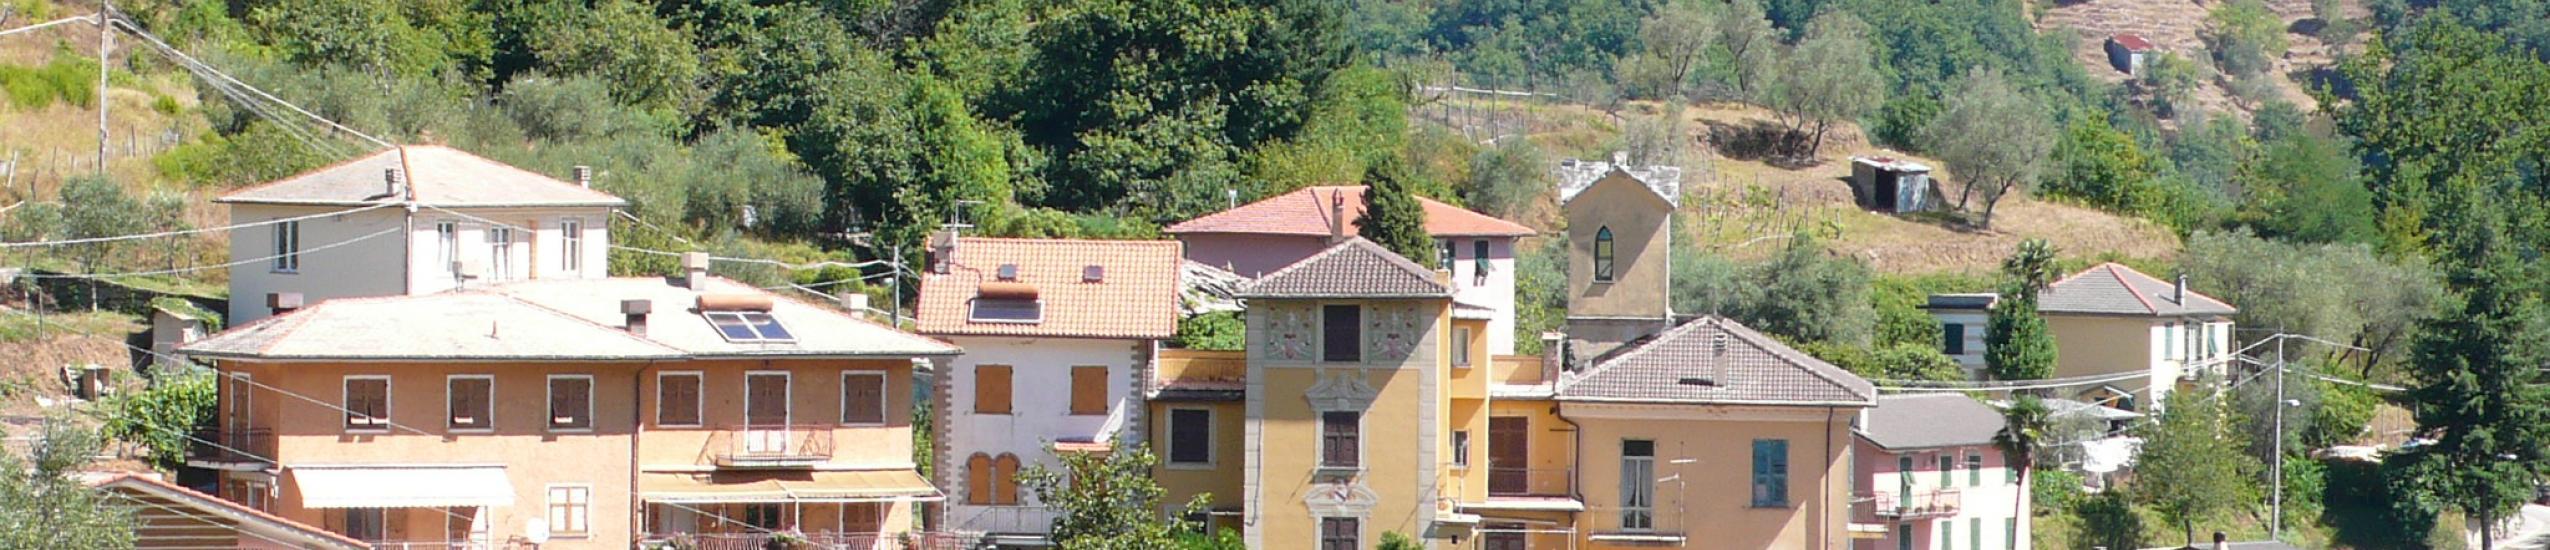 Vista dall'alto dell'edificio